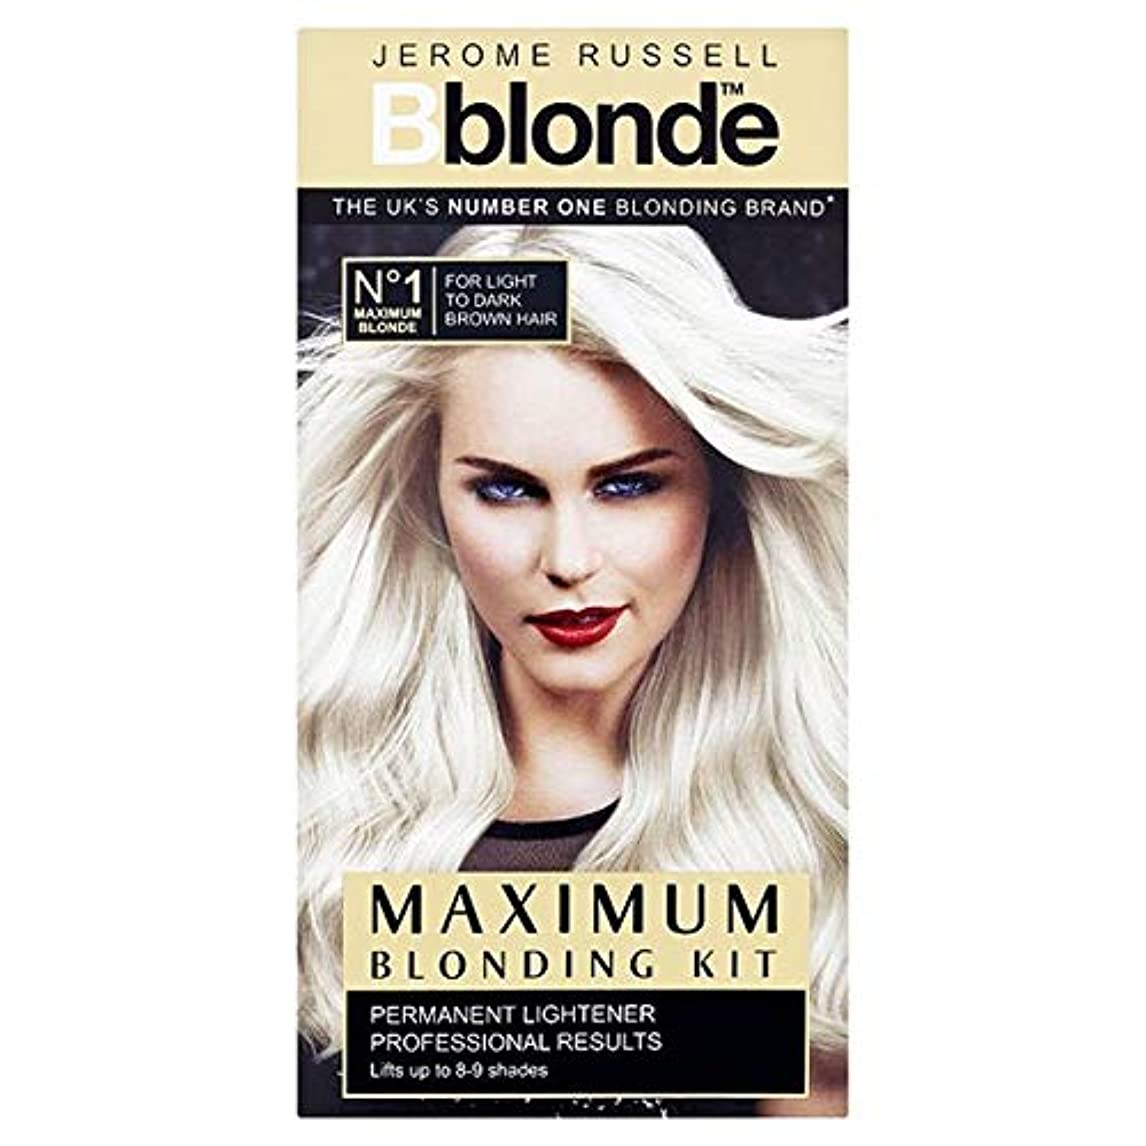 マニフェスト区閲覧する[Jerome Russell] ジェロームラッセルB金髪最大Blondingキット - Jerome Russell B Blonde Maximum Blonding Kit [並行輸入品]